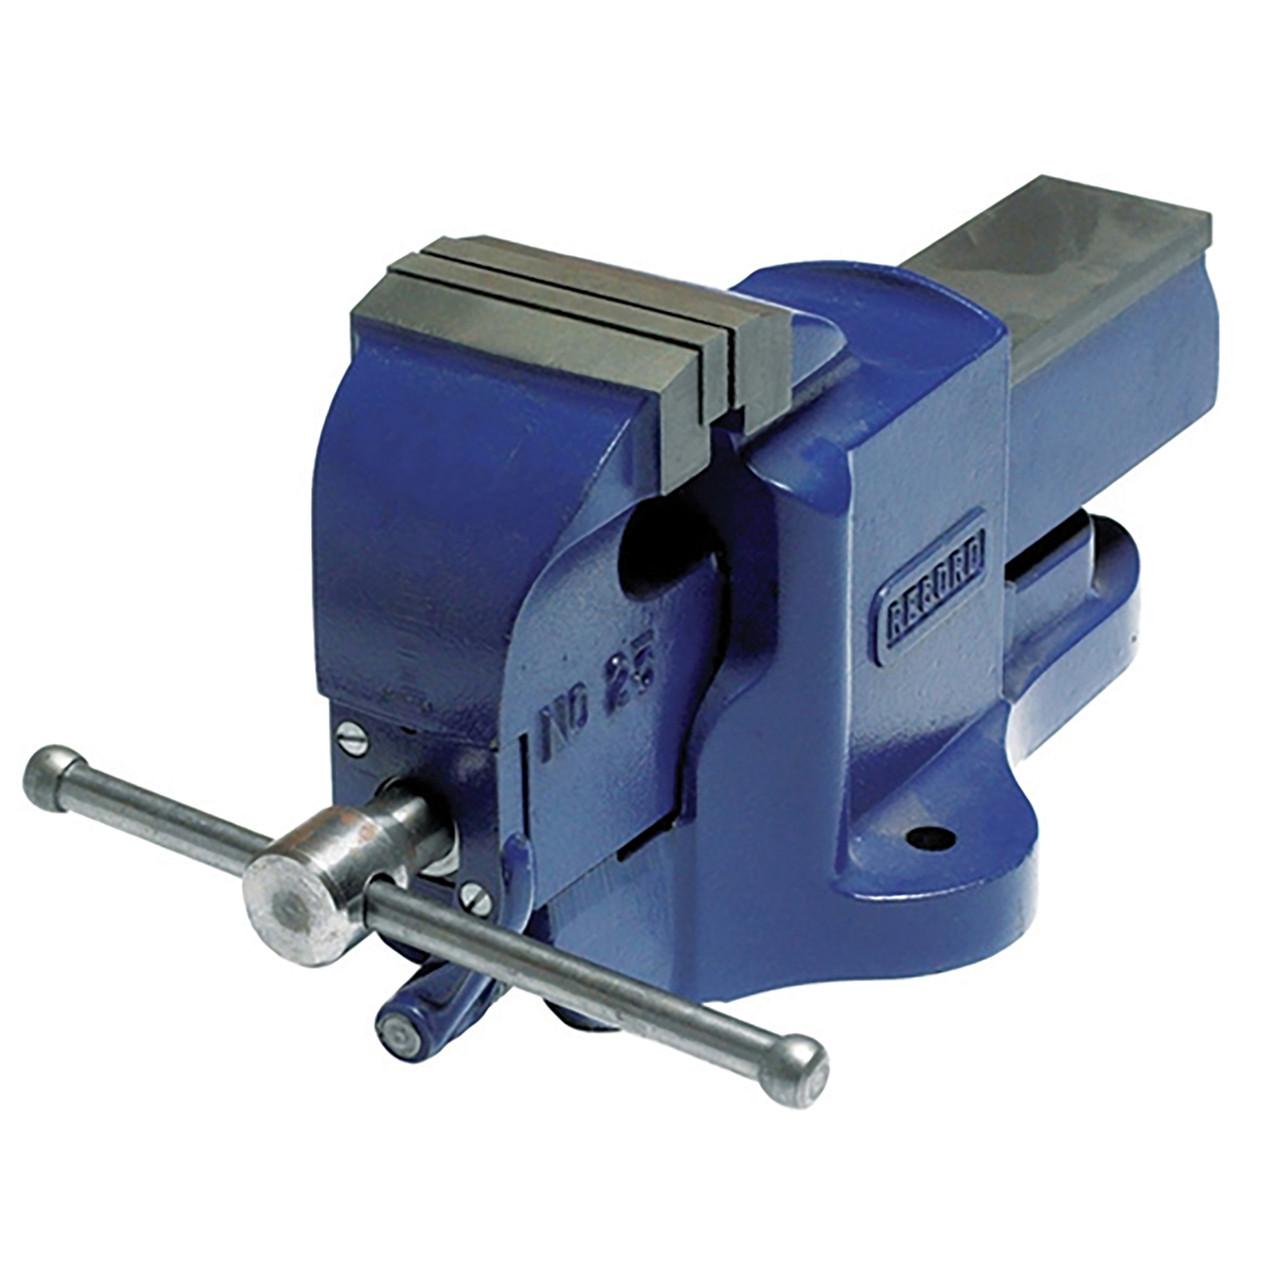 IRWIN Skruestik 115mm - Værktøj -> Håndværktøj -> Spændeværktøj -> Skruestik Værktøj -> Håndværktøj -> Spændeværktøj Værktøj -> Håndværktøj Mærker -> Irwin